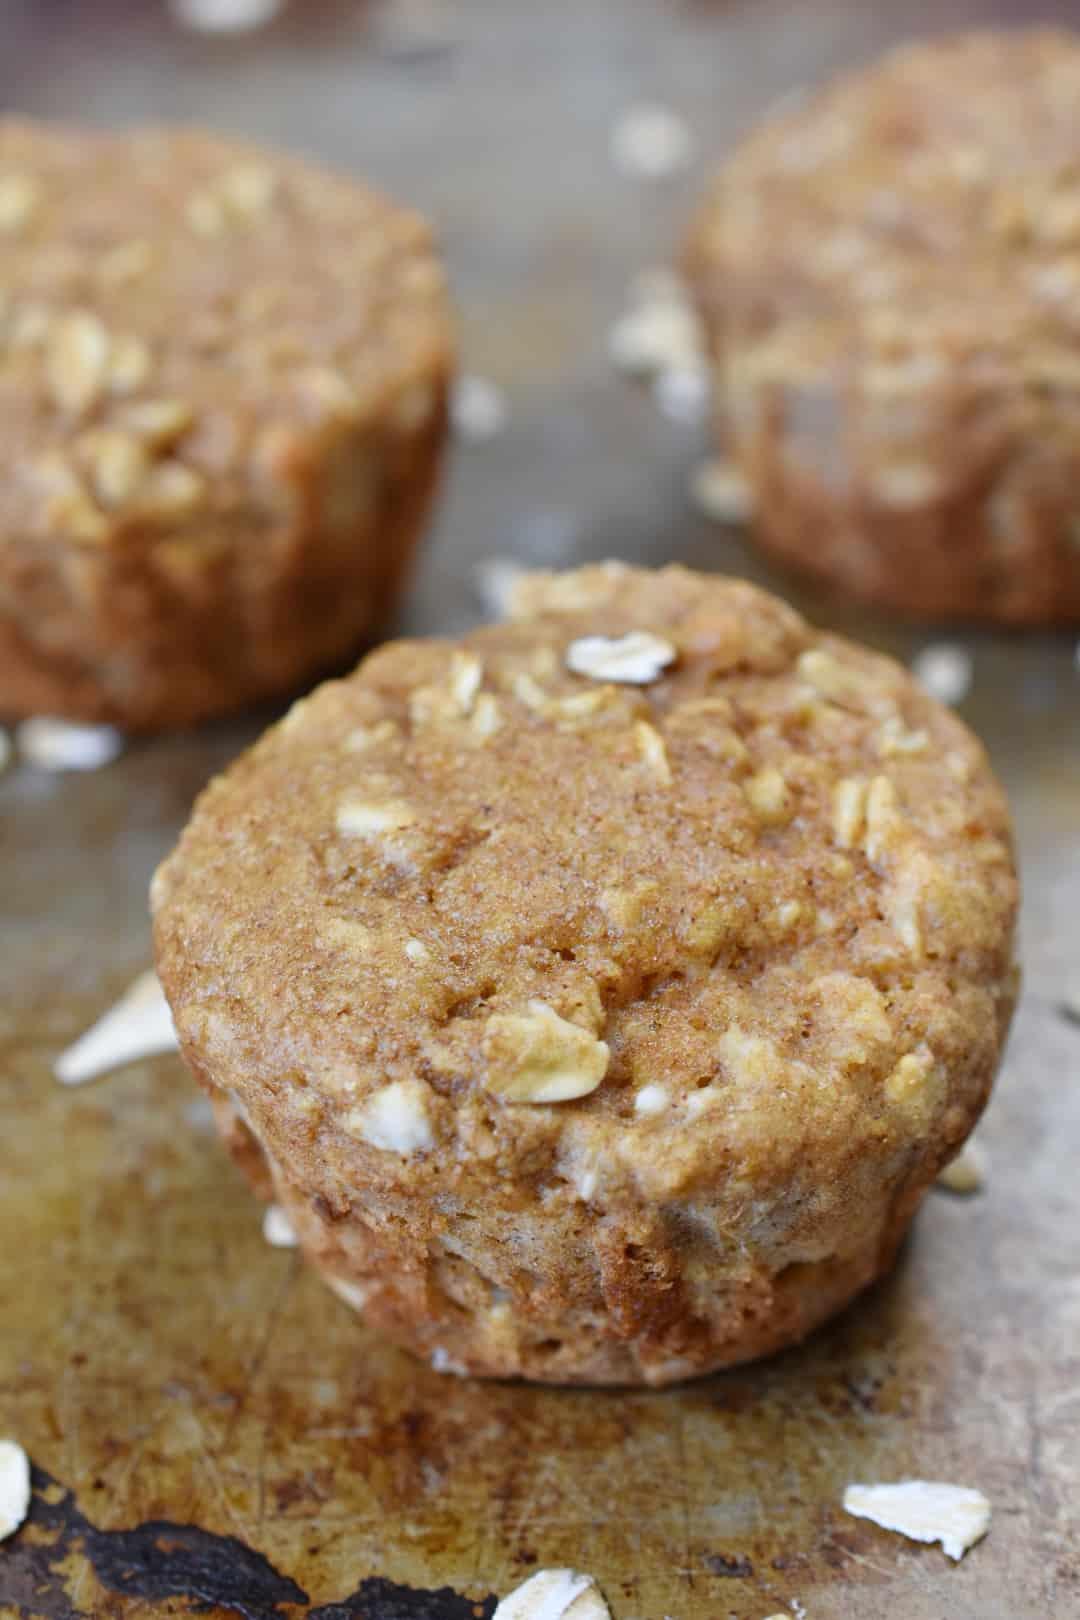 closeup of oatmeal applesauce muffins on a baking sheet